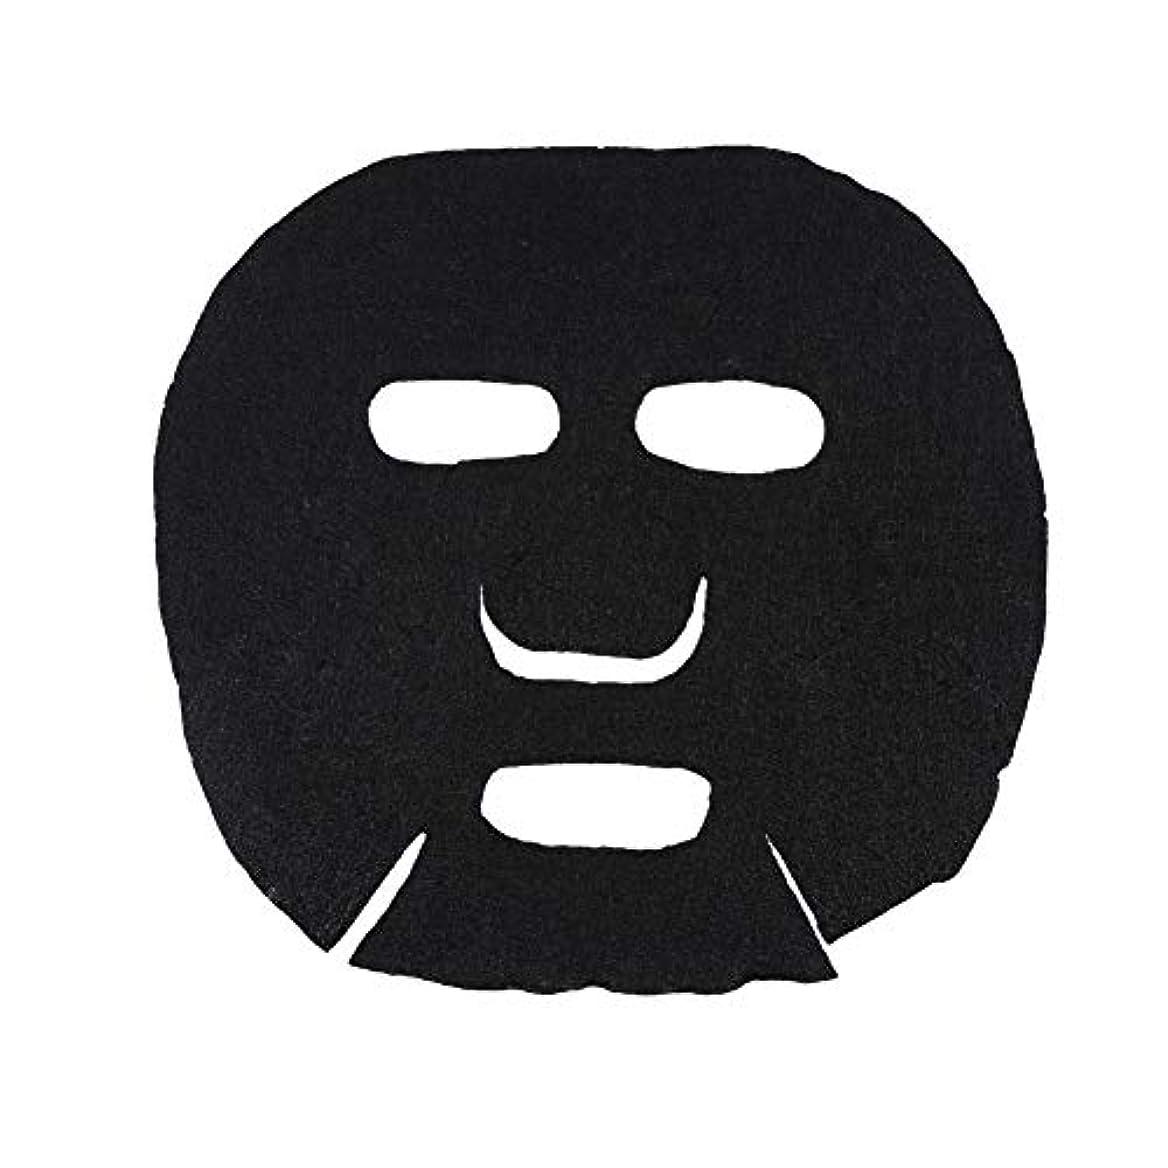 リベラル一口パターン30Pcs / 40Pcsマスク紙、マスク紙綿、スキンフェイスケアDIYフェイシャルペーパーコンプレスマスクマスクナチュラルコットンスキンケアマスクDIYシートマスク(30pcs)